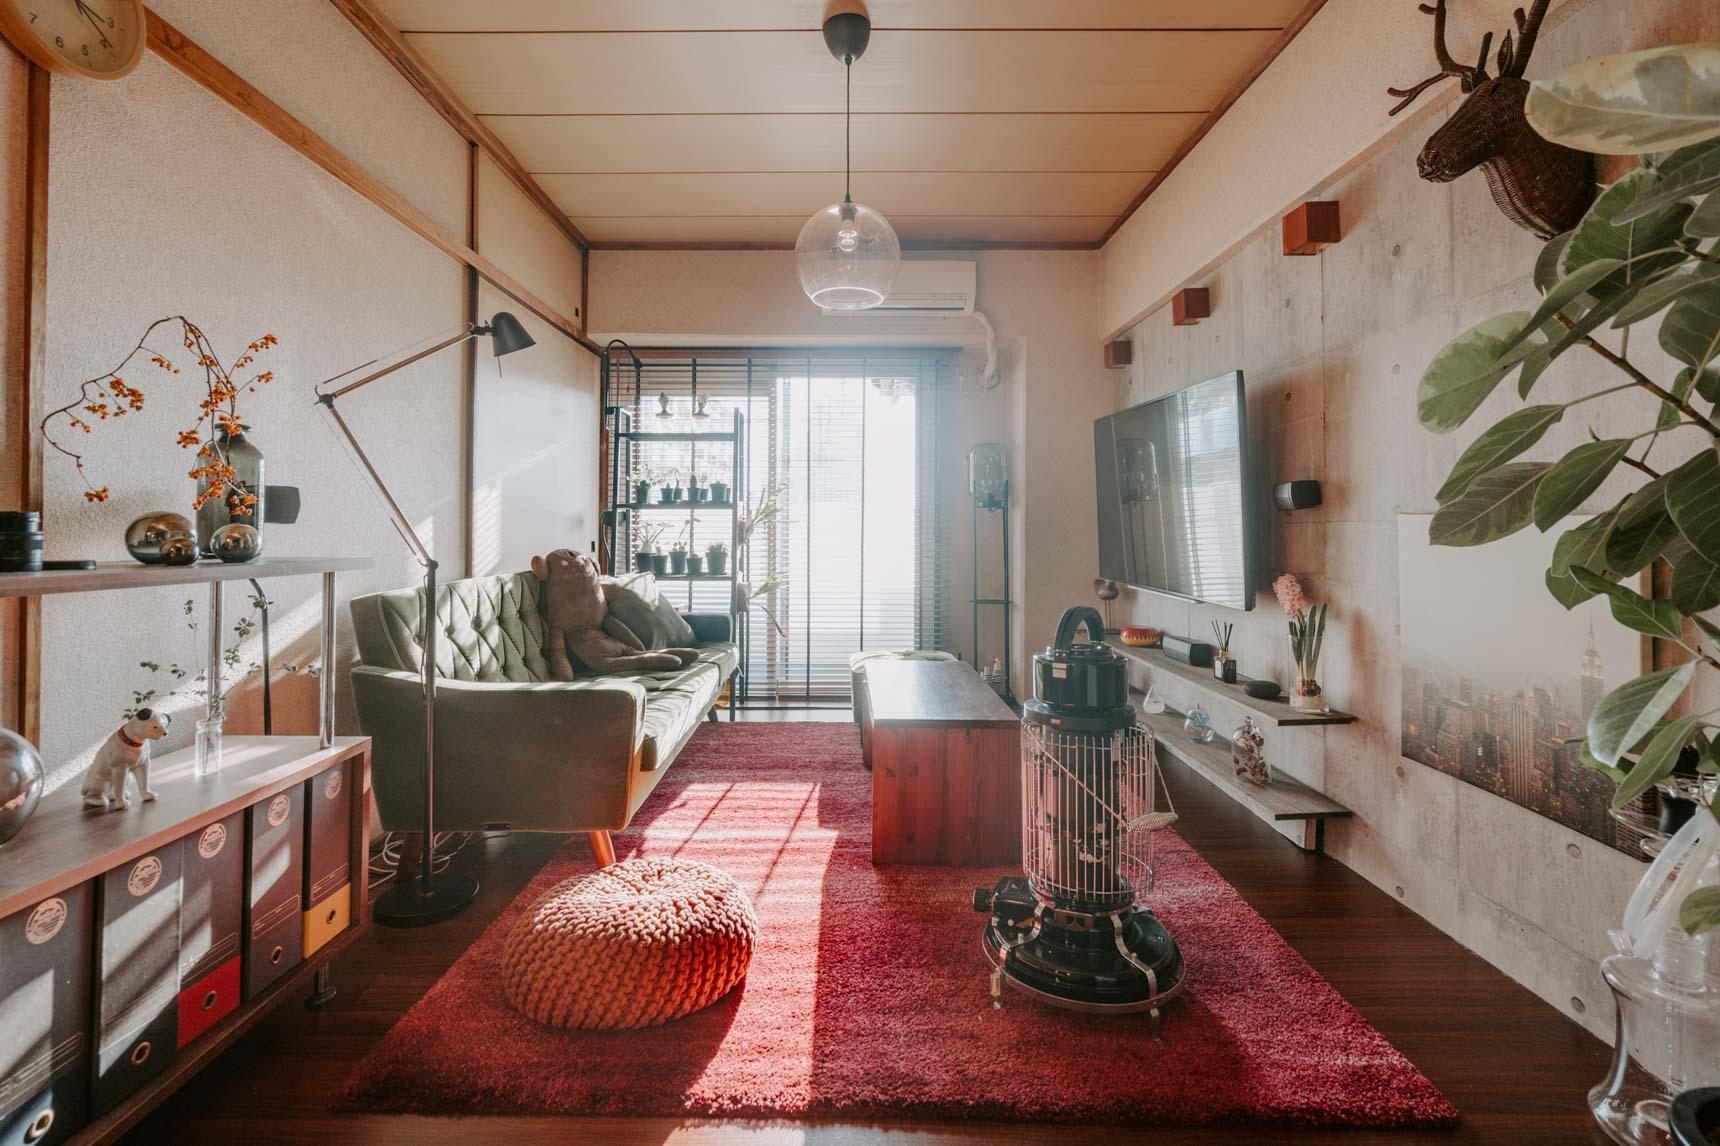 3つある居室は順番に改装中。ダイニングに続く一番陽当たりの良いお部屋は、居心地の良いカリモクのソファが置かれたリビング空間。